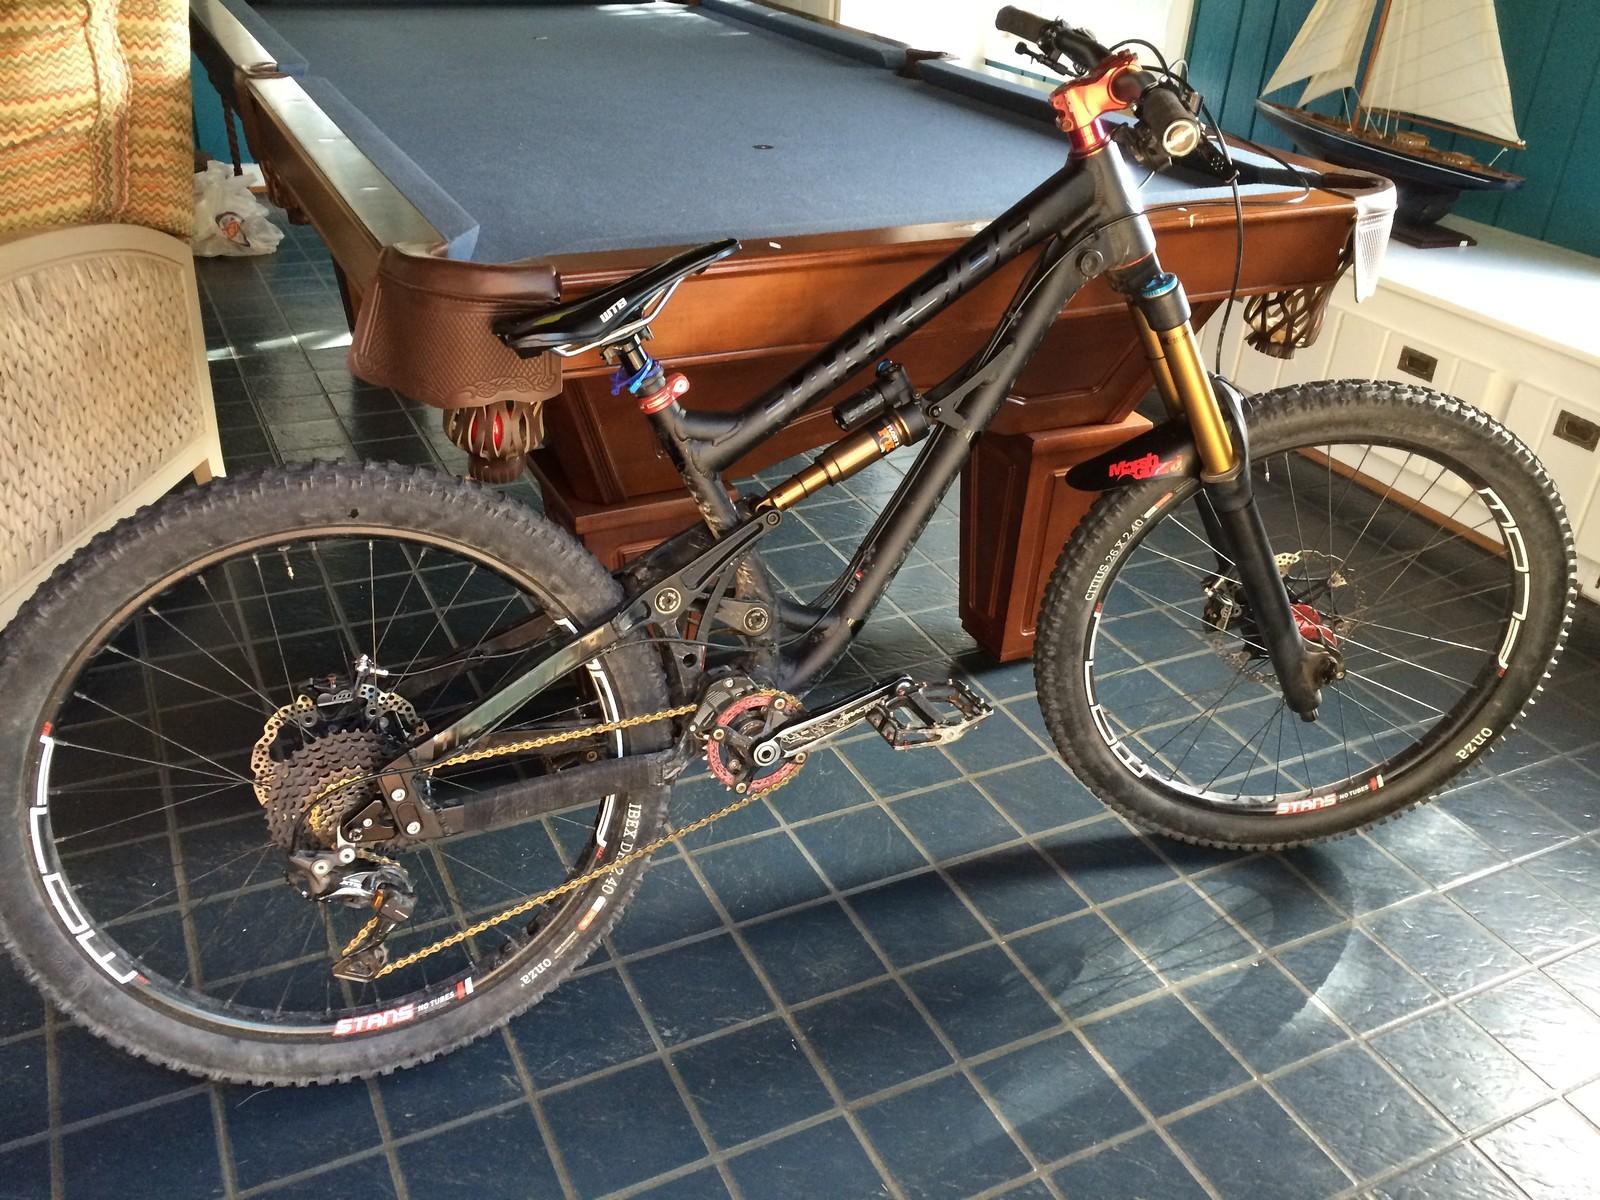 Mr_the_bob's Banshee Bikes